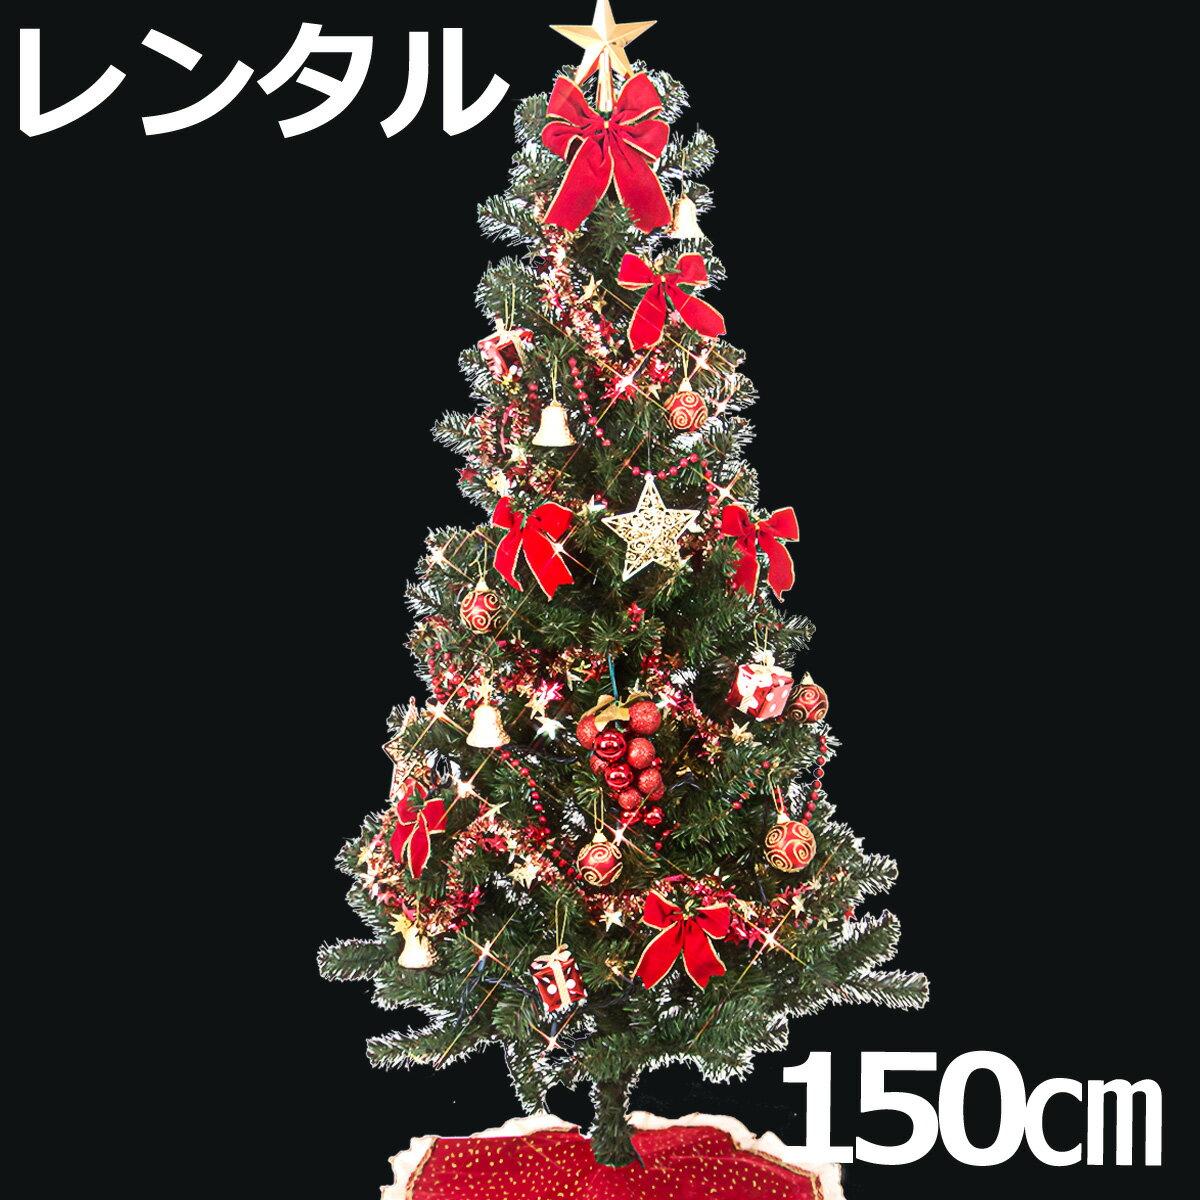 【レンタル】 クリスマスツリー セット 150cm レッド&ゴールド 【往復 送料無料】 クリスマスツリー レンタル fy16REN07